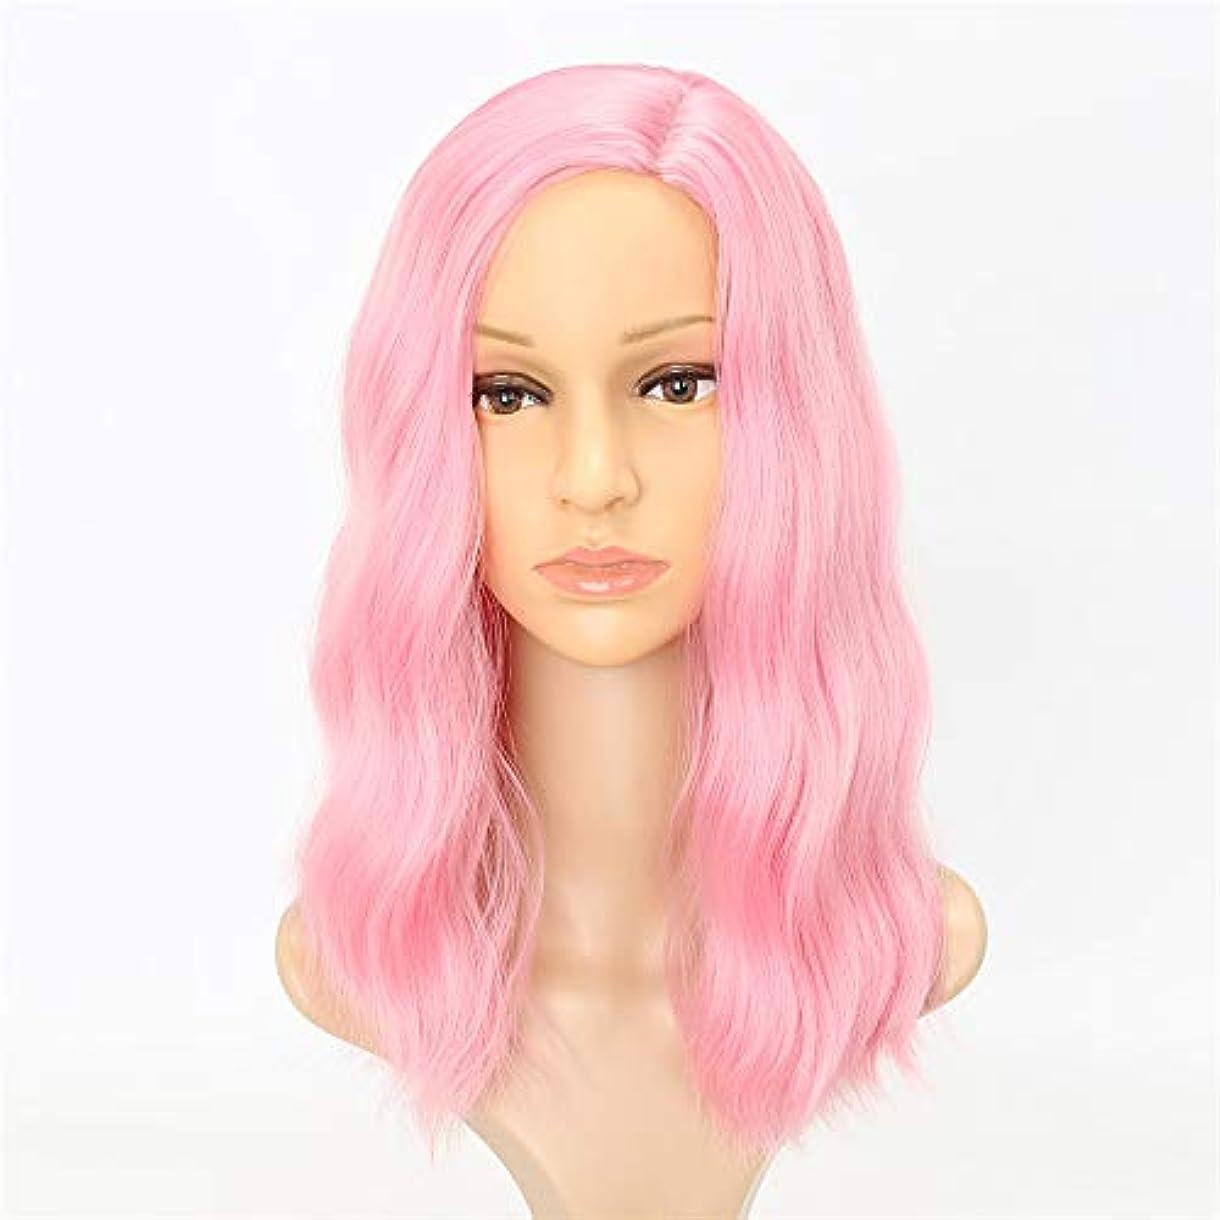 巨人大気誤ってヘアピースピンクウィッグ波状女性かつら高温繊維人工毛ウィッグロングコスプレウィッグ用女性パーティー、ハロウィン18インチ